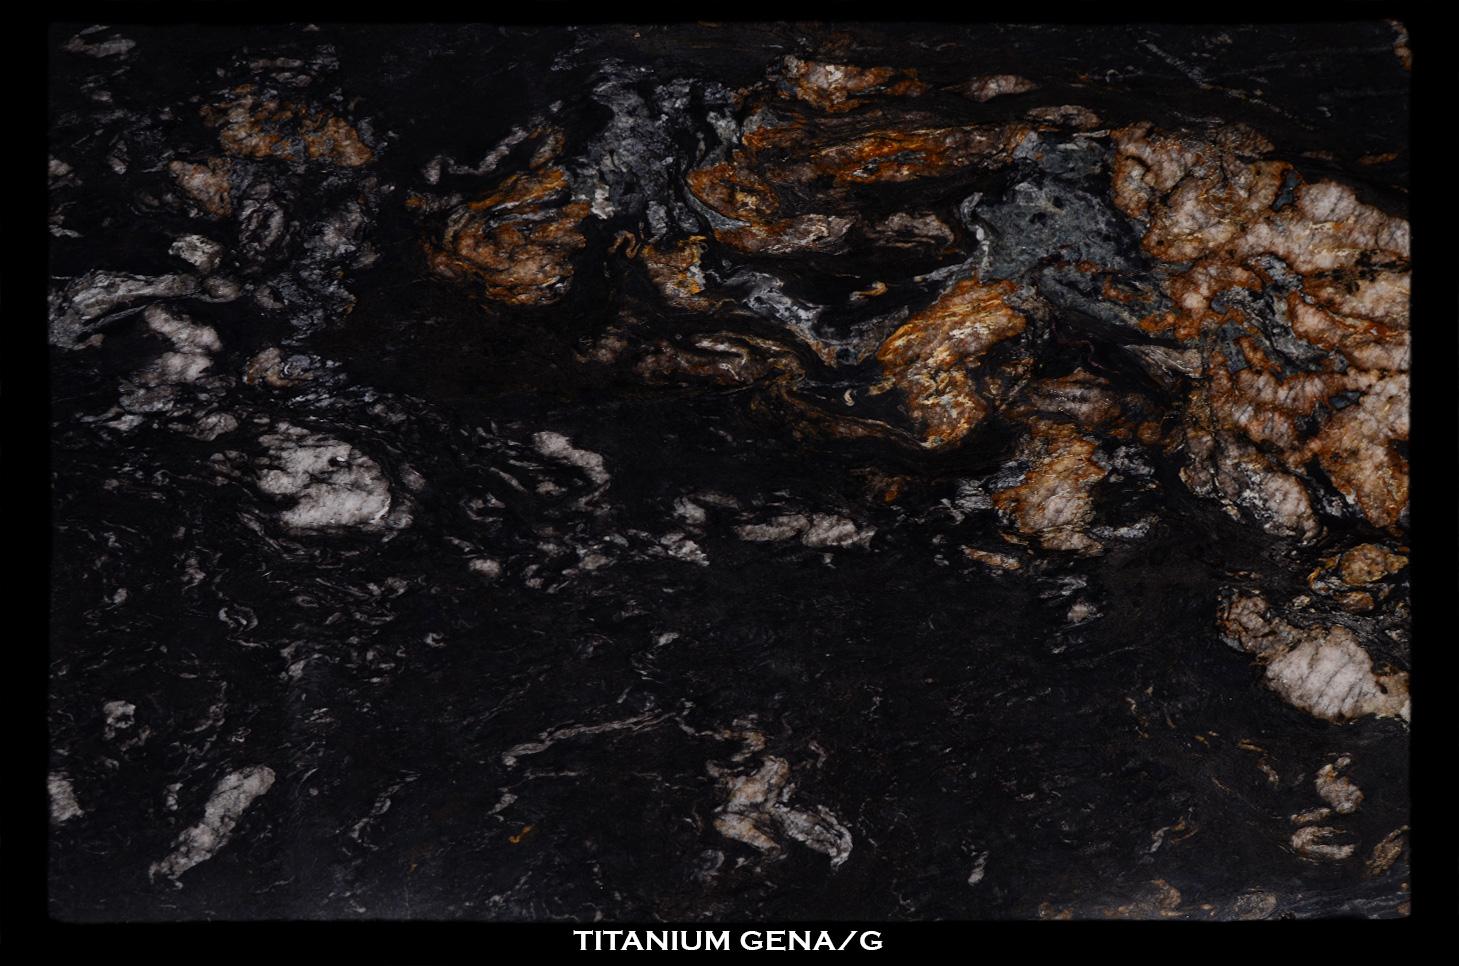 TITANIUM-GENA-G-SLAB